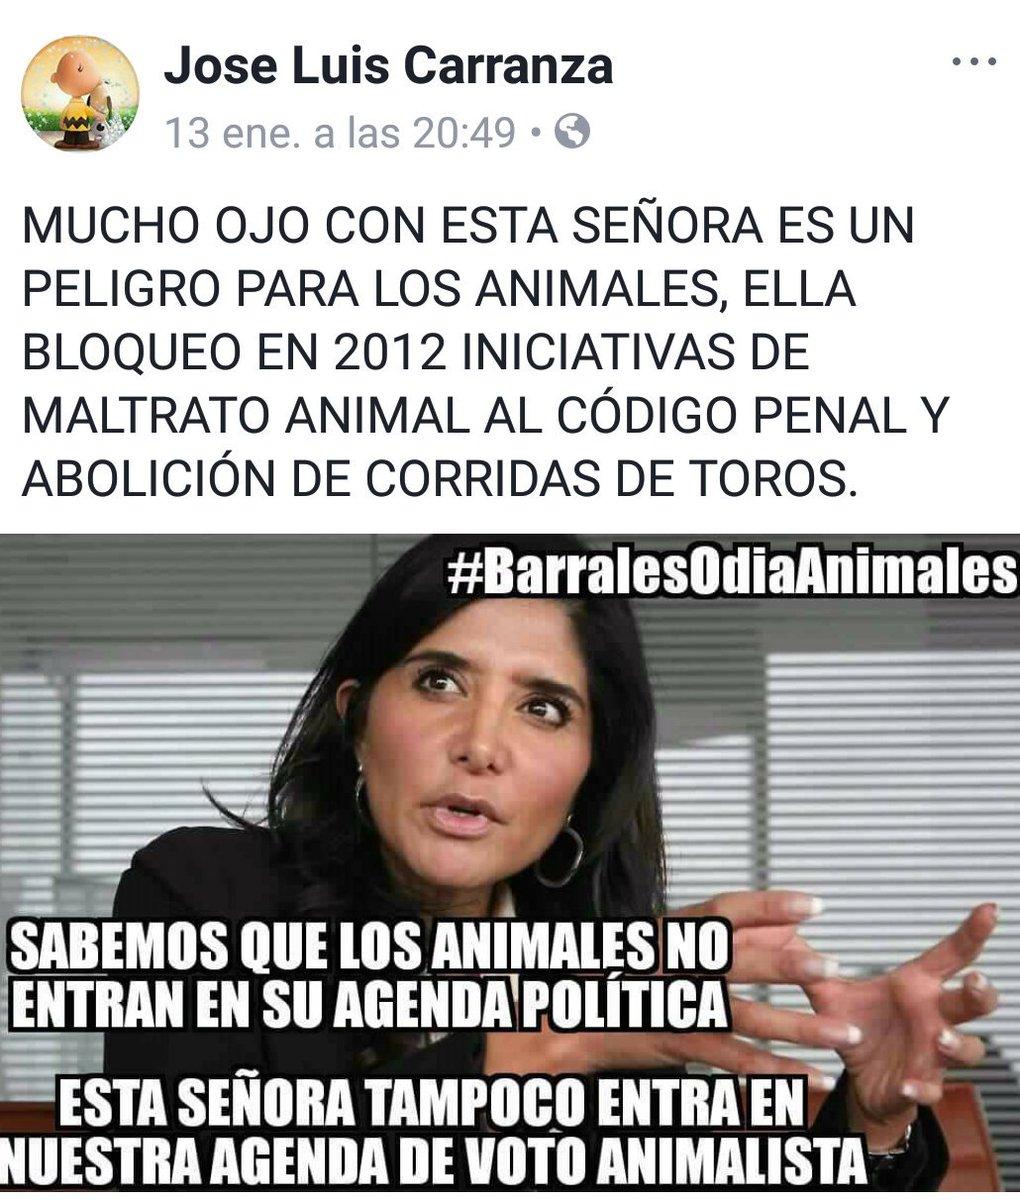 RT @Vania_Lopez99: Informados todos los que amamos y defendemos a los animales https://t.co/w8mmj6ALVS